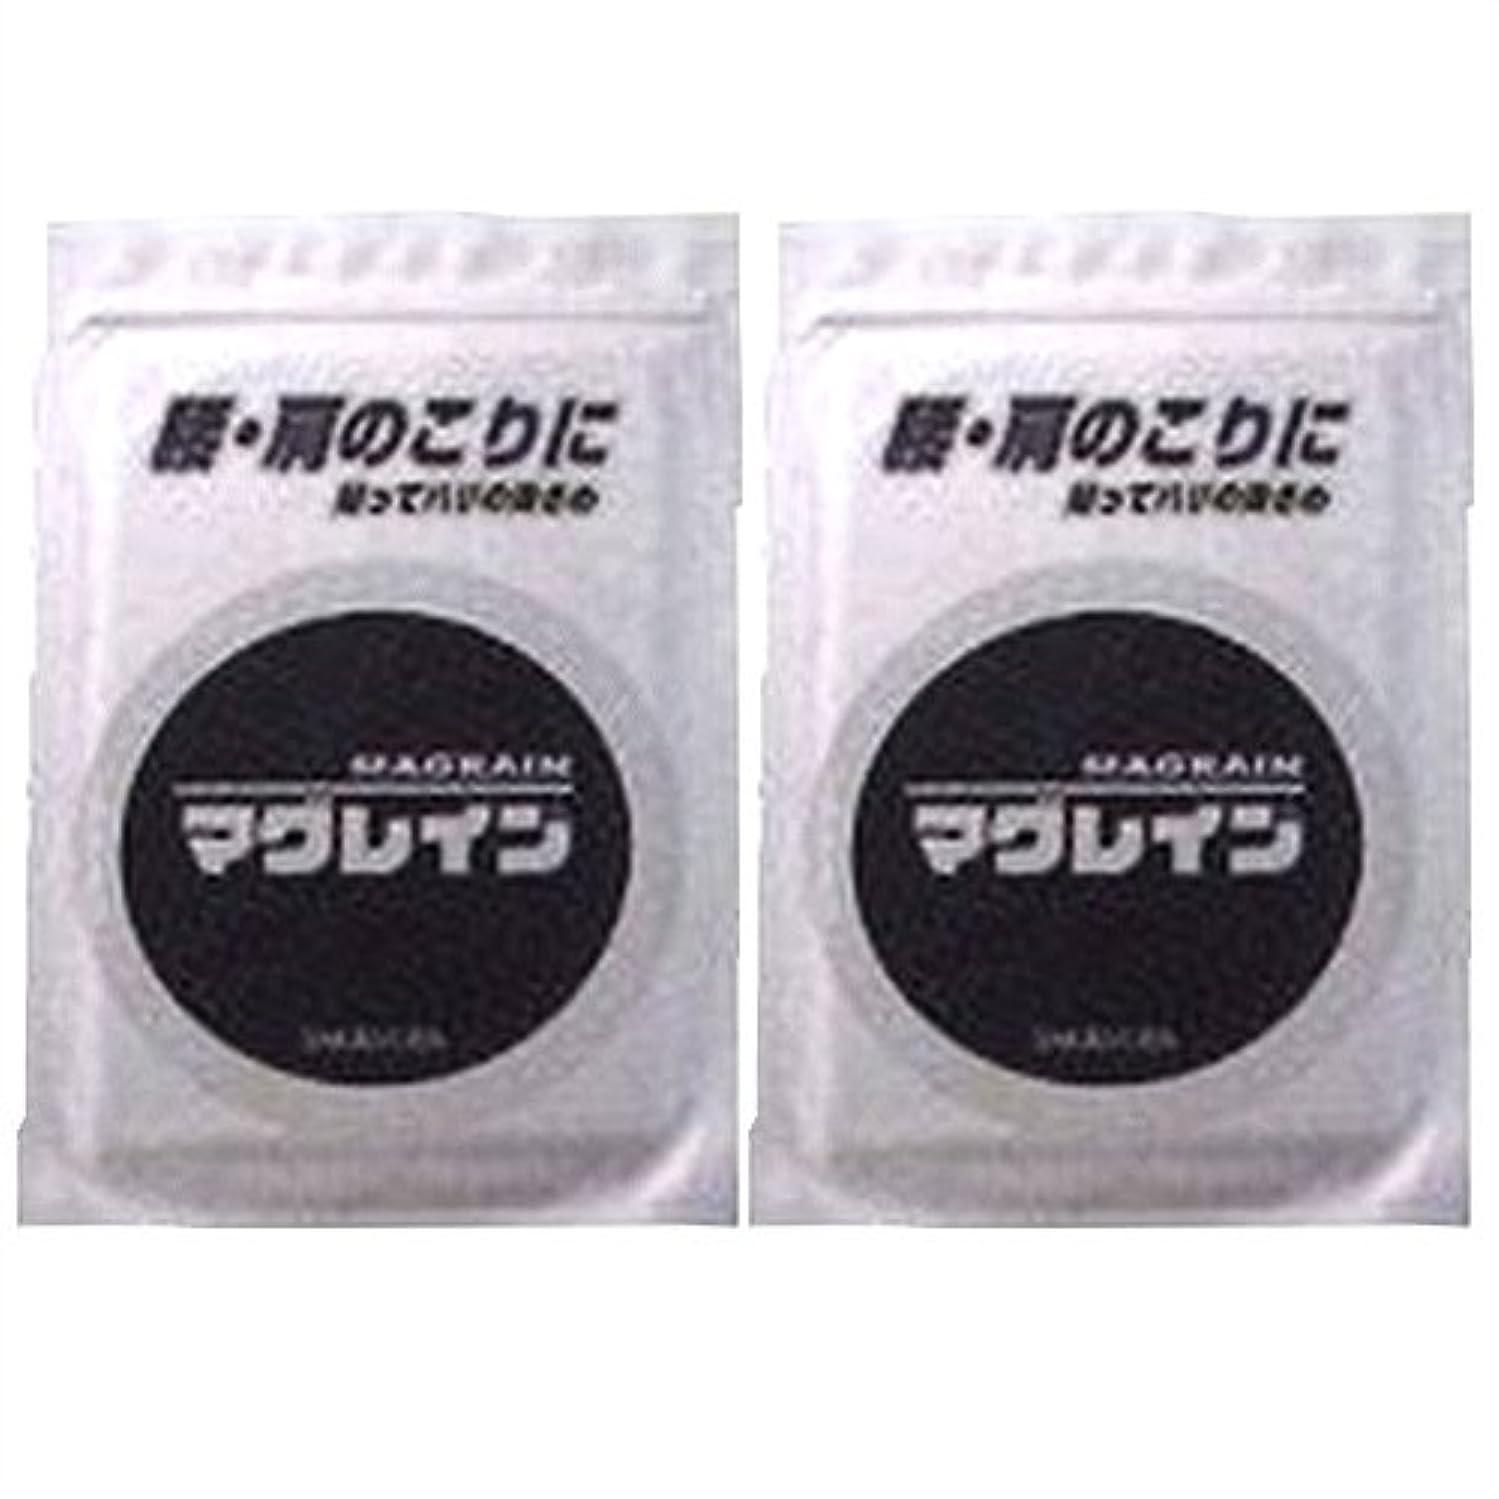 無効説明硬さマグレイン チタン 200粒入 肌色テープ(I) ×2個 セット